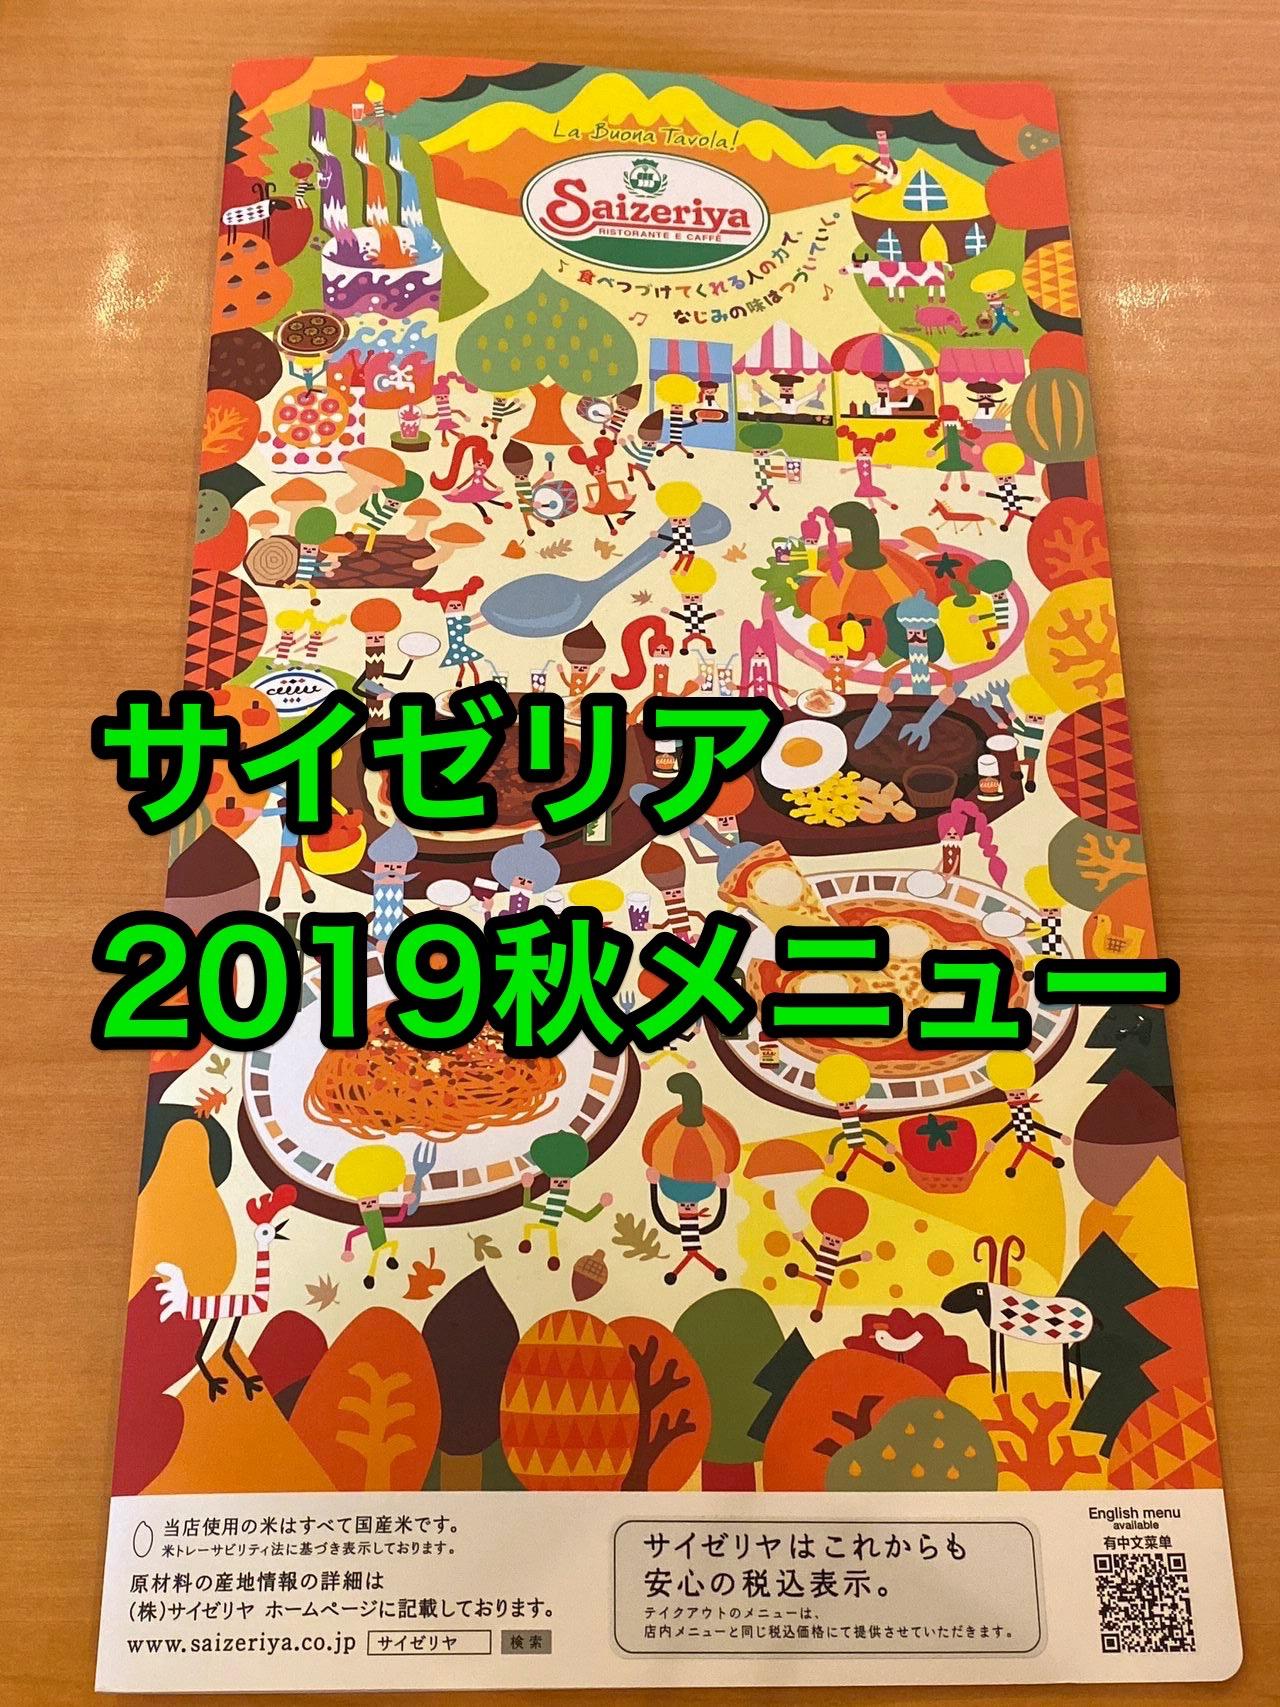 「サイゼリヤ」2019年秋の新メニュー